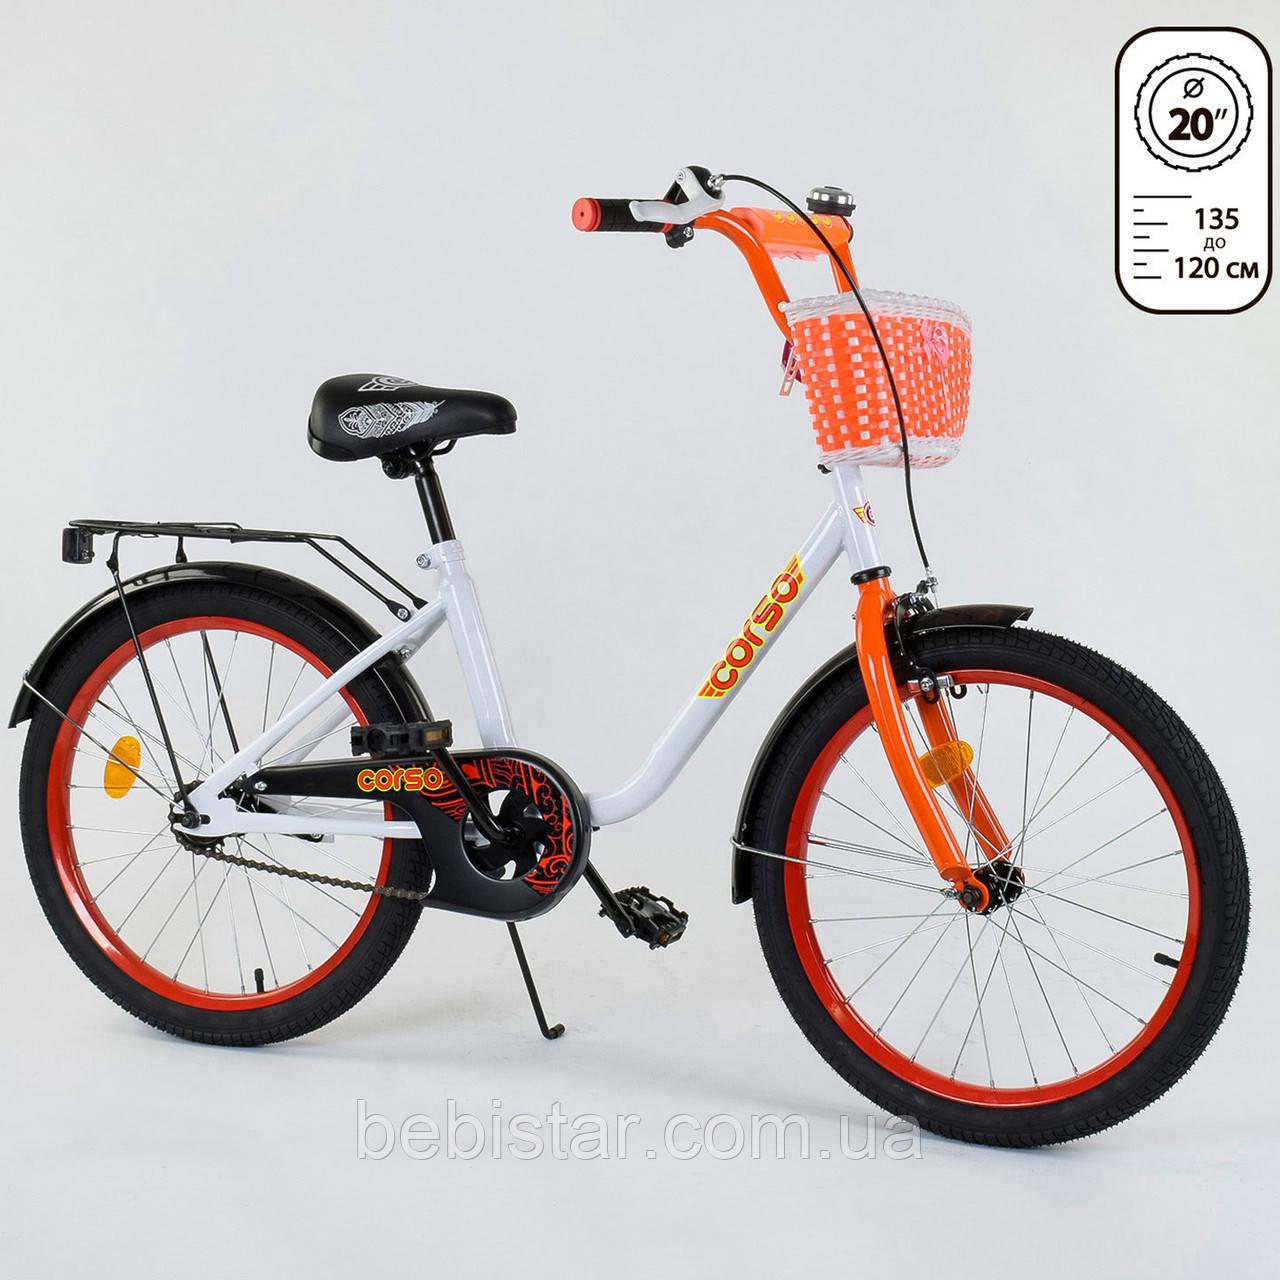 """Детский двухколесный велосипед БЕЛЫЙ, оранжевый обод, подножка, корзинка ручной тормоз Corso 20"""" детям 6-9 лет"""